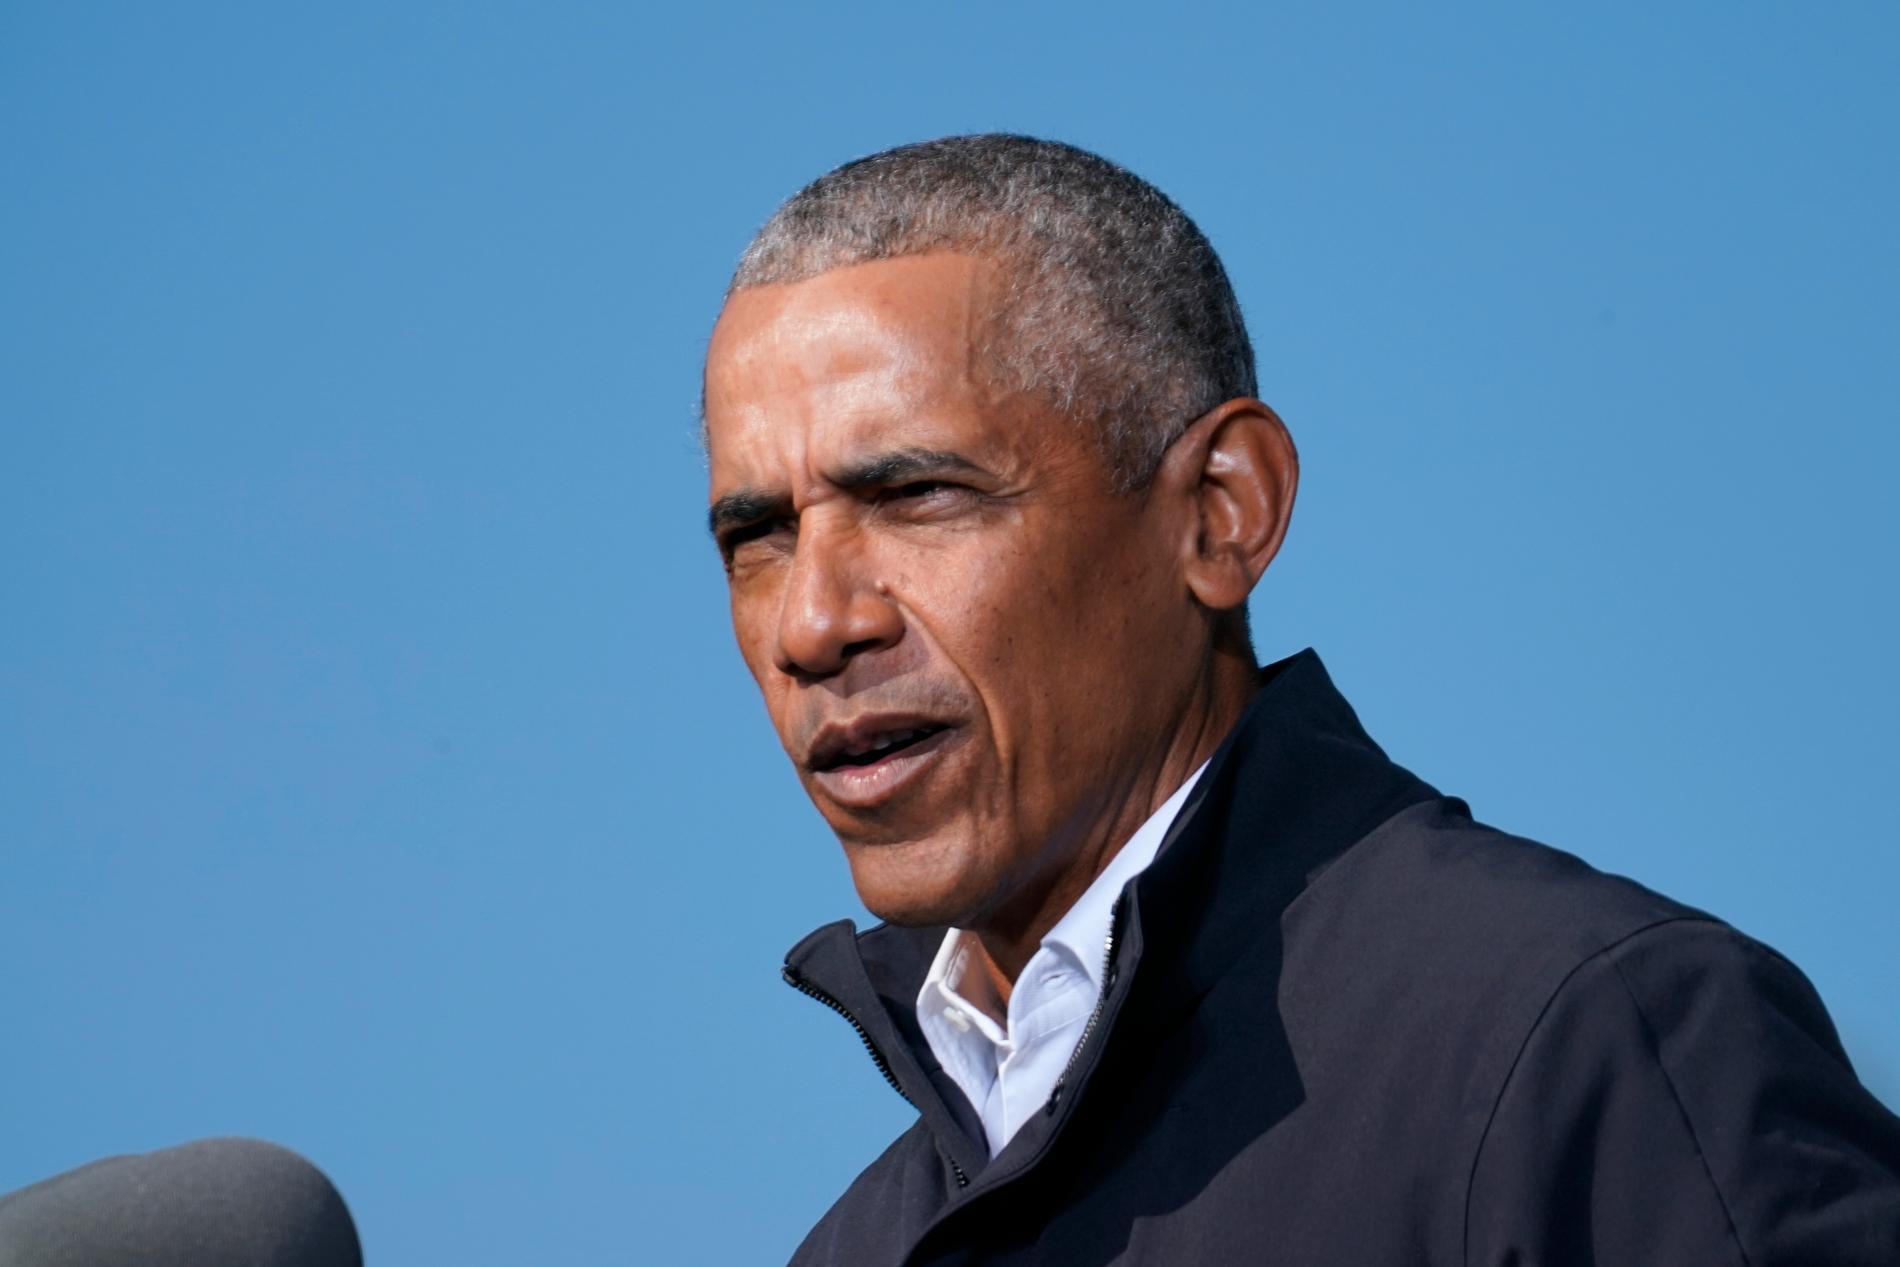 Före detta president Barack Obama firar 60 år. Arkivbild.